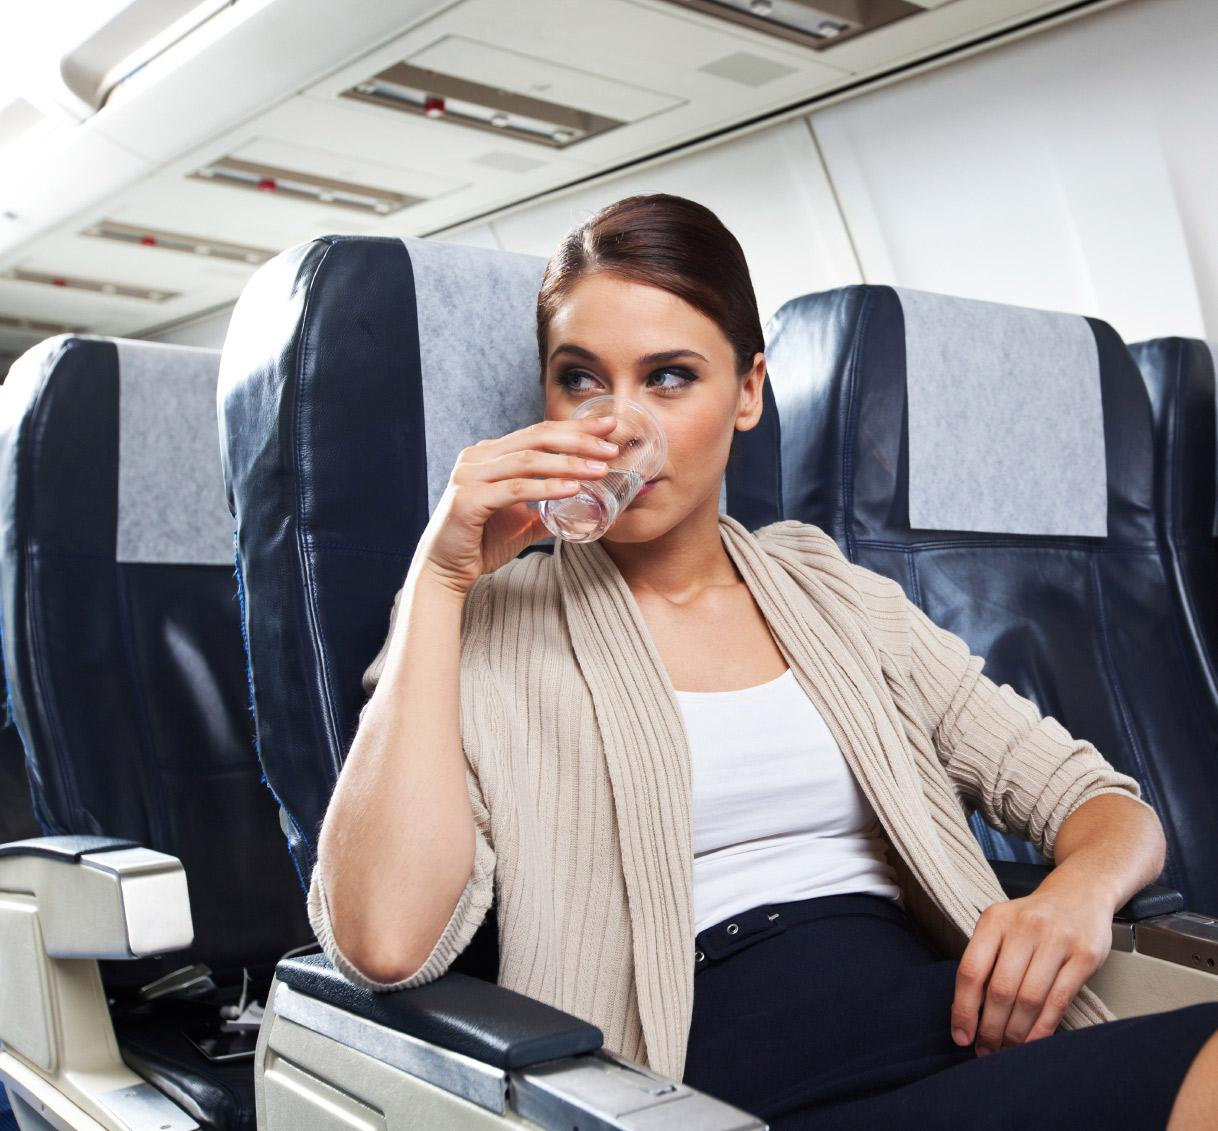 Maten kops in medan du flyger